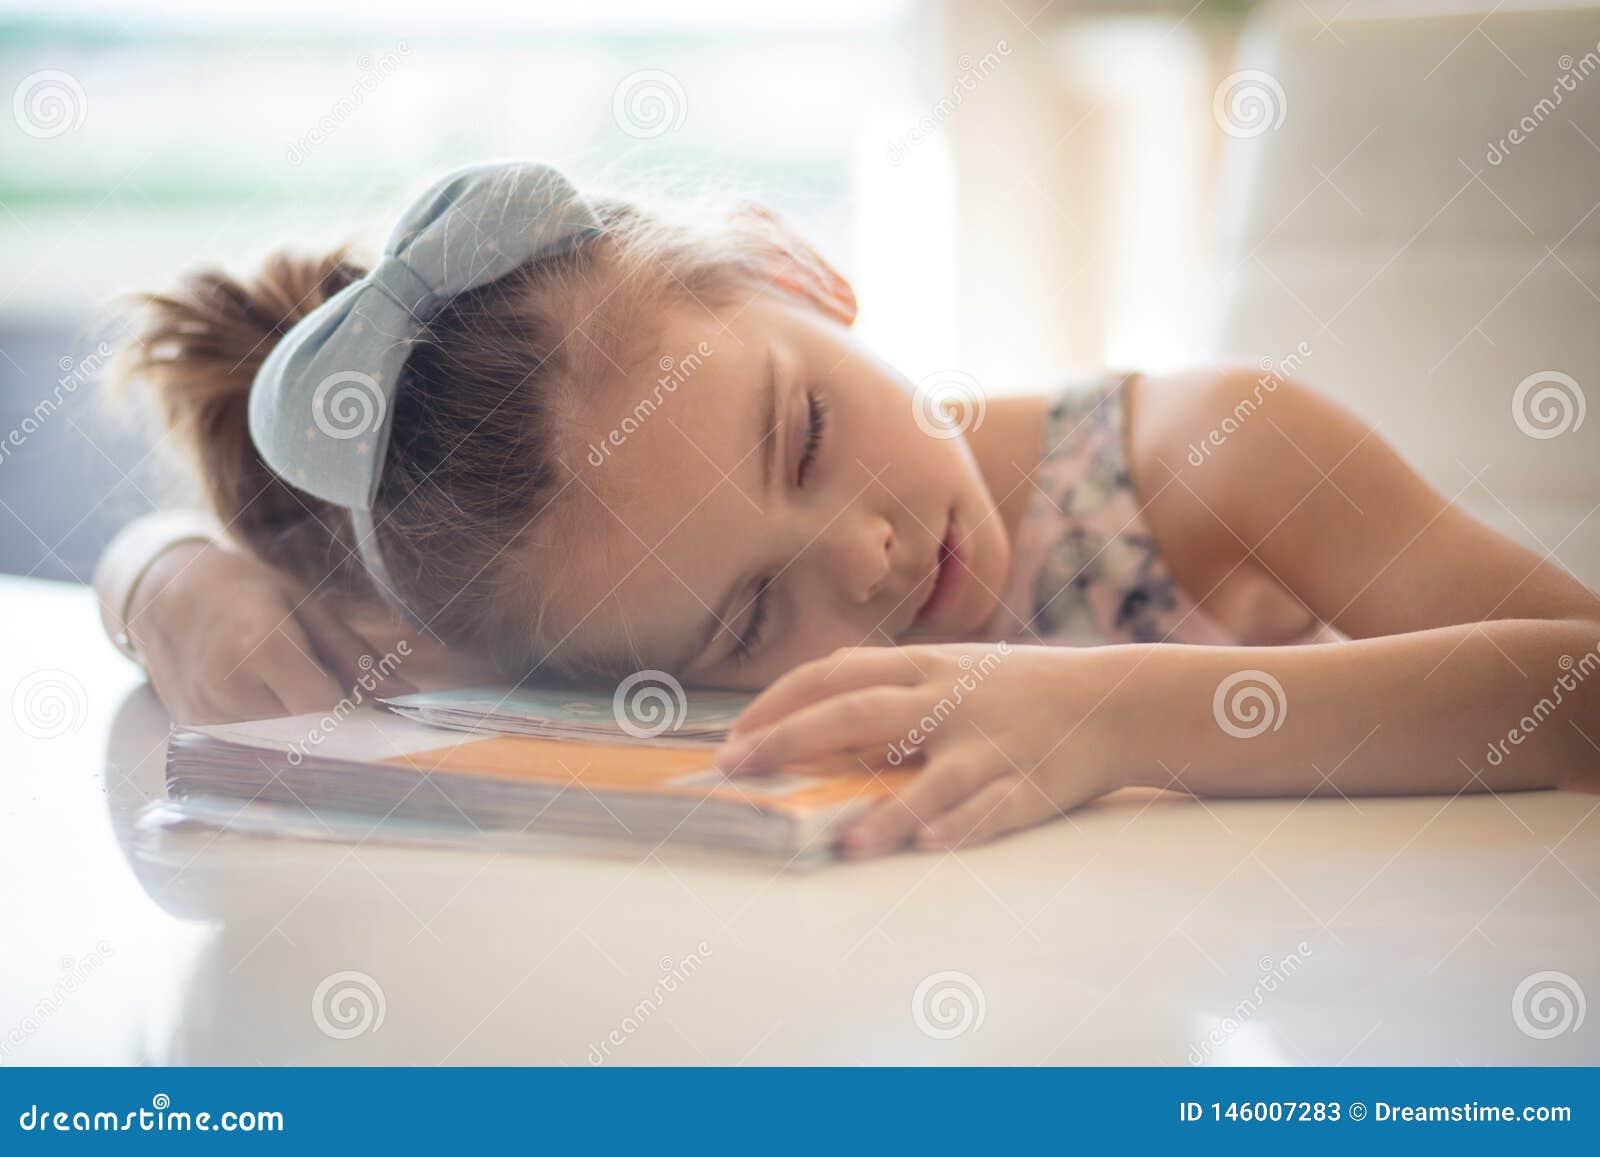 Elle était fatiguée de la lecture